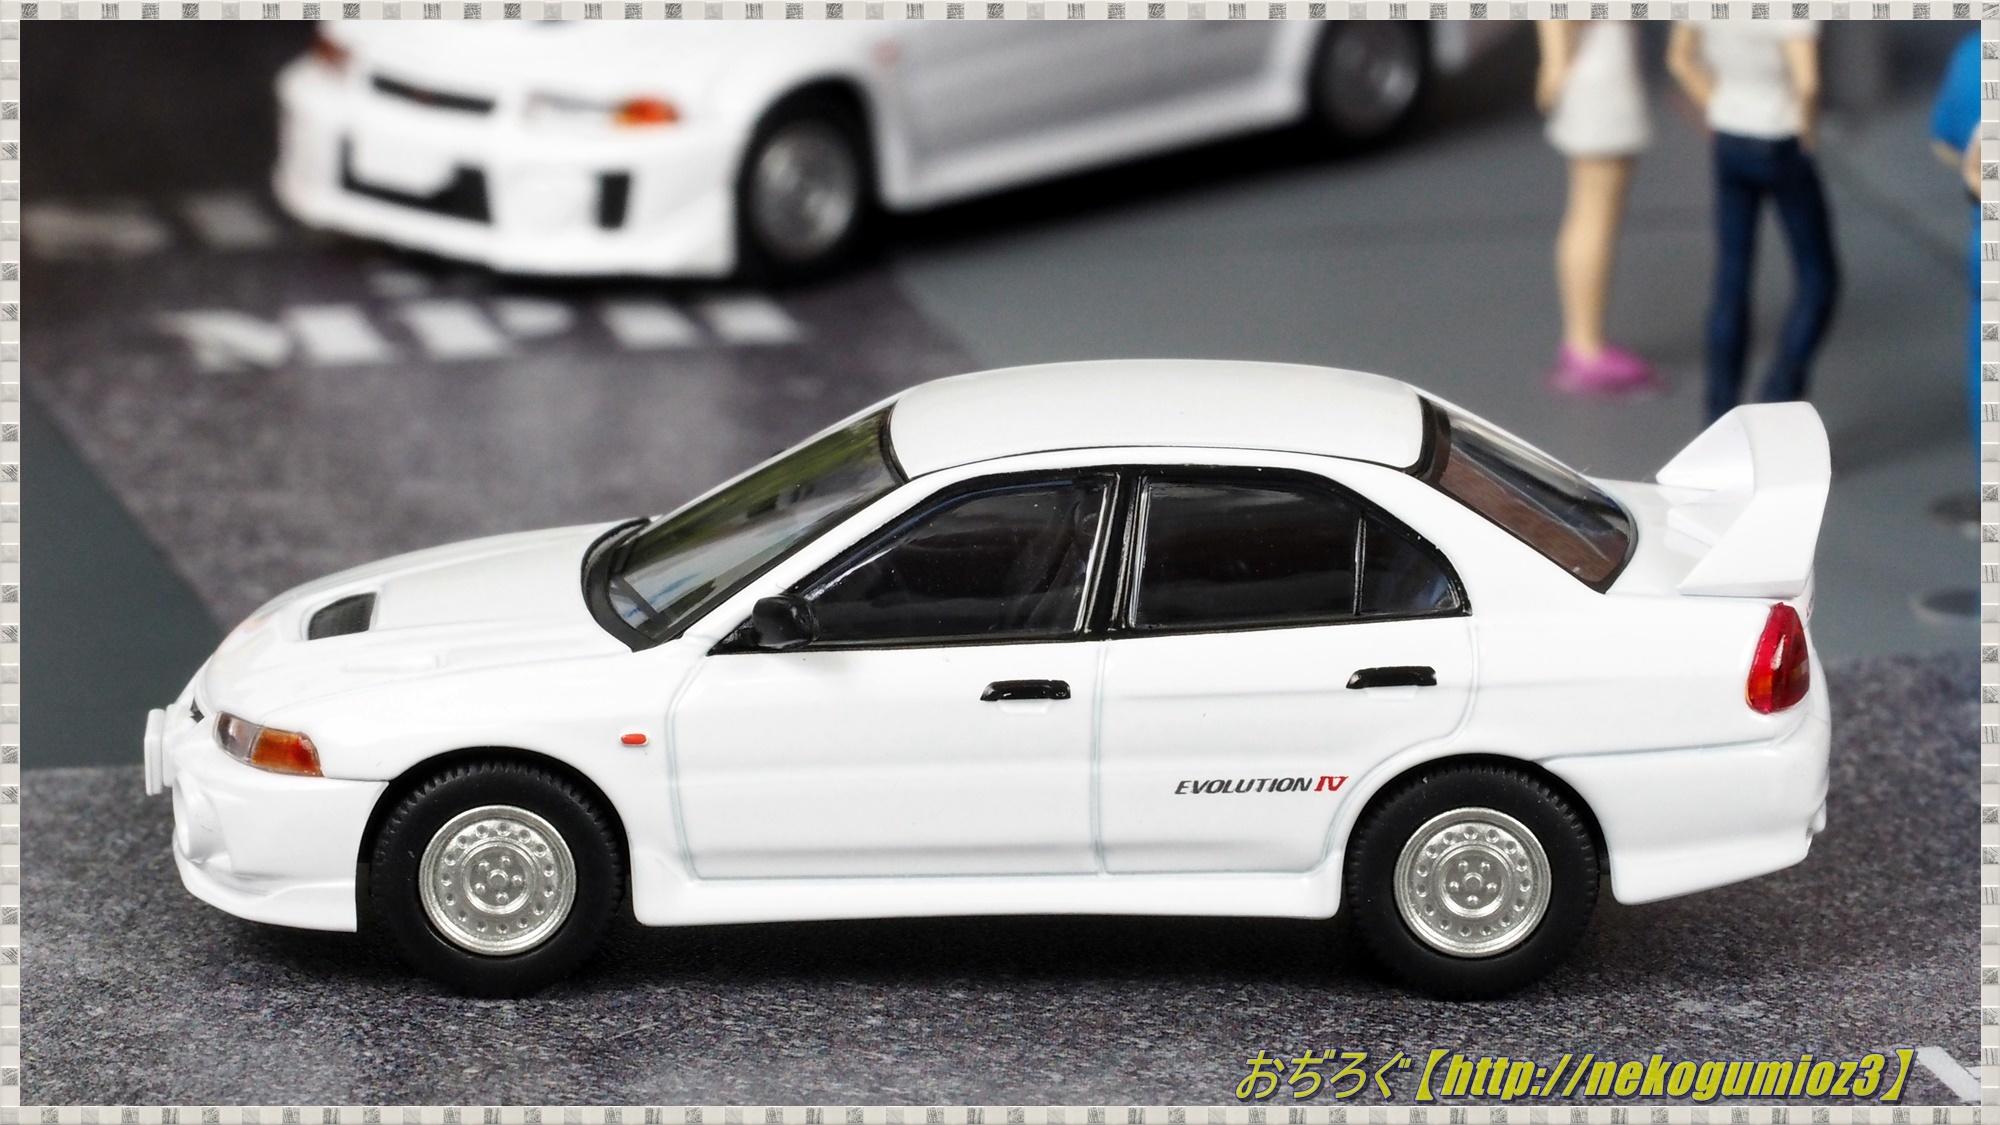 200401029.jpg